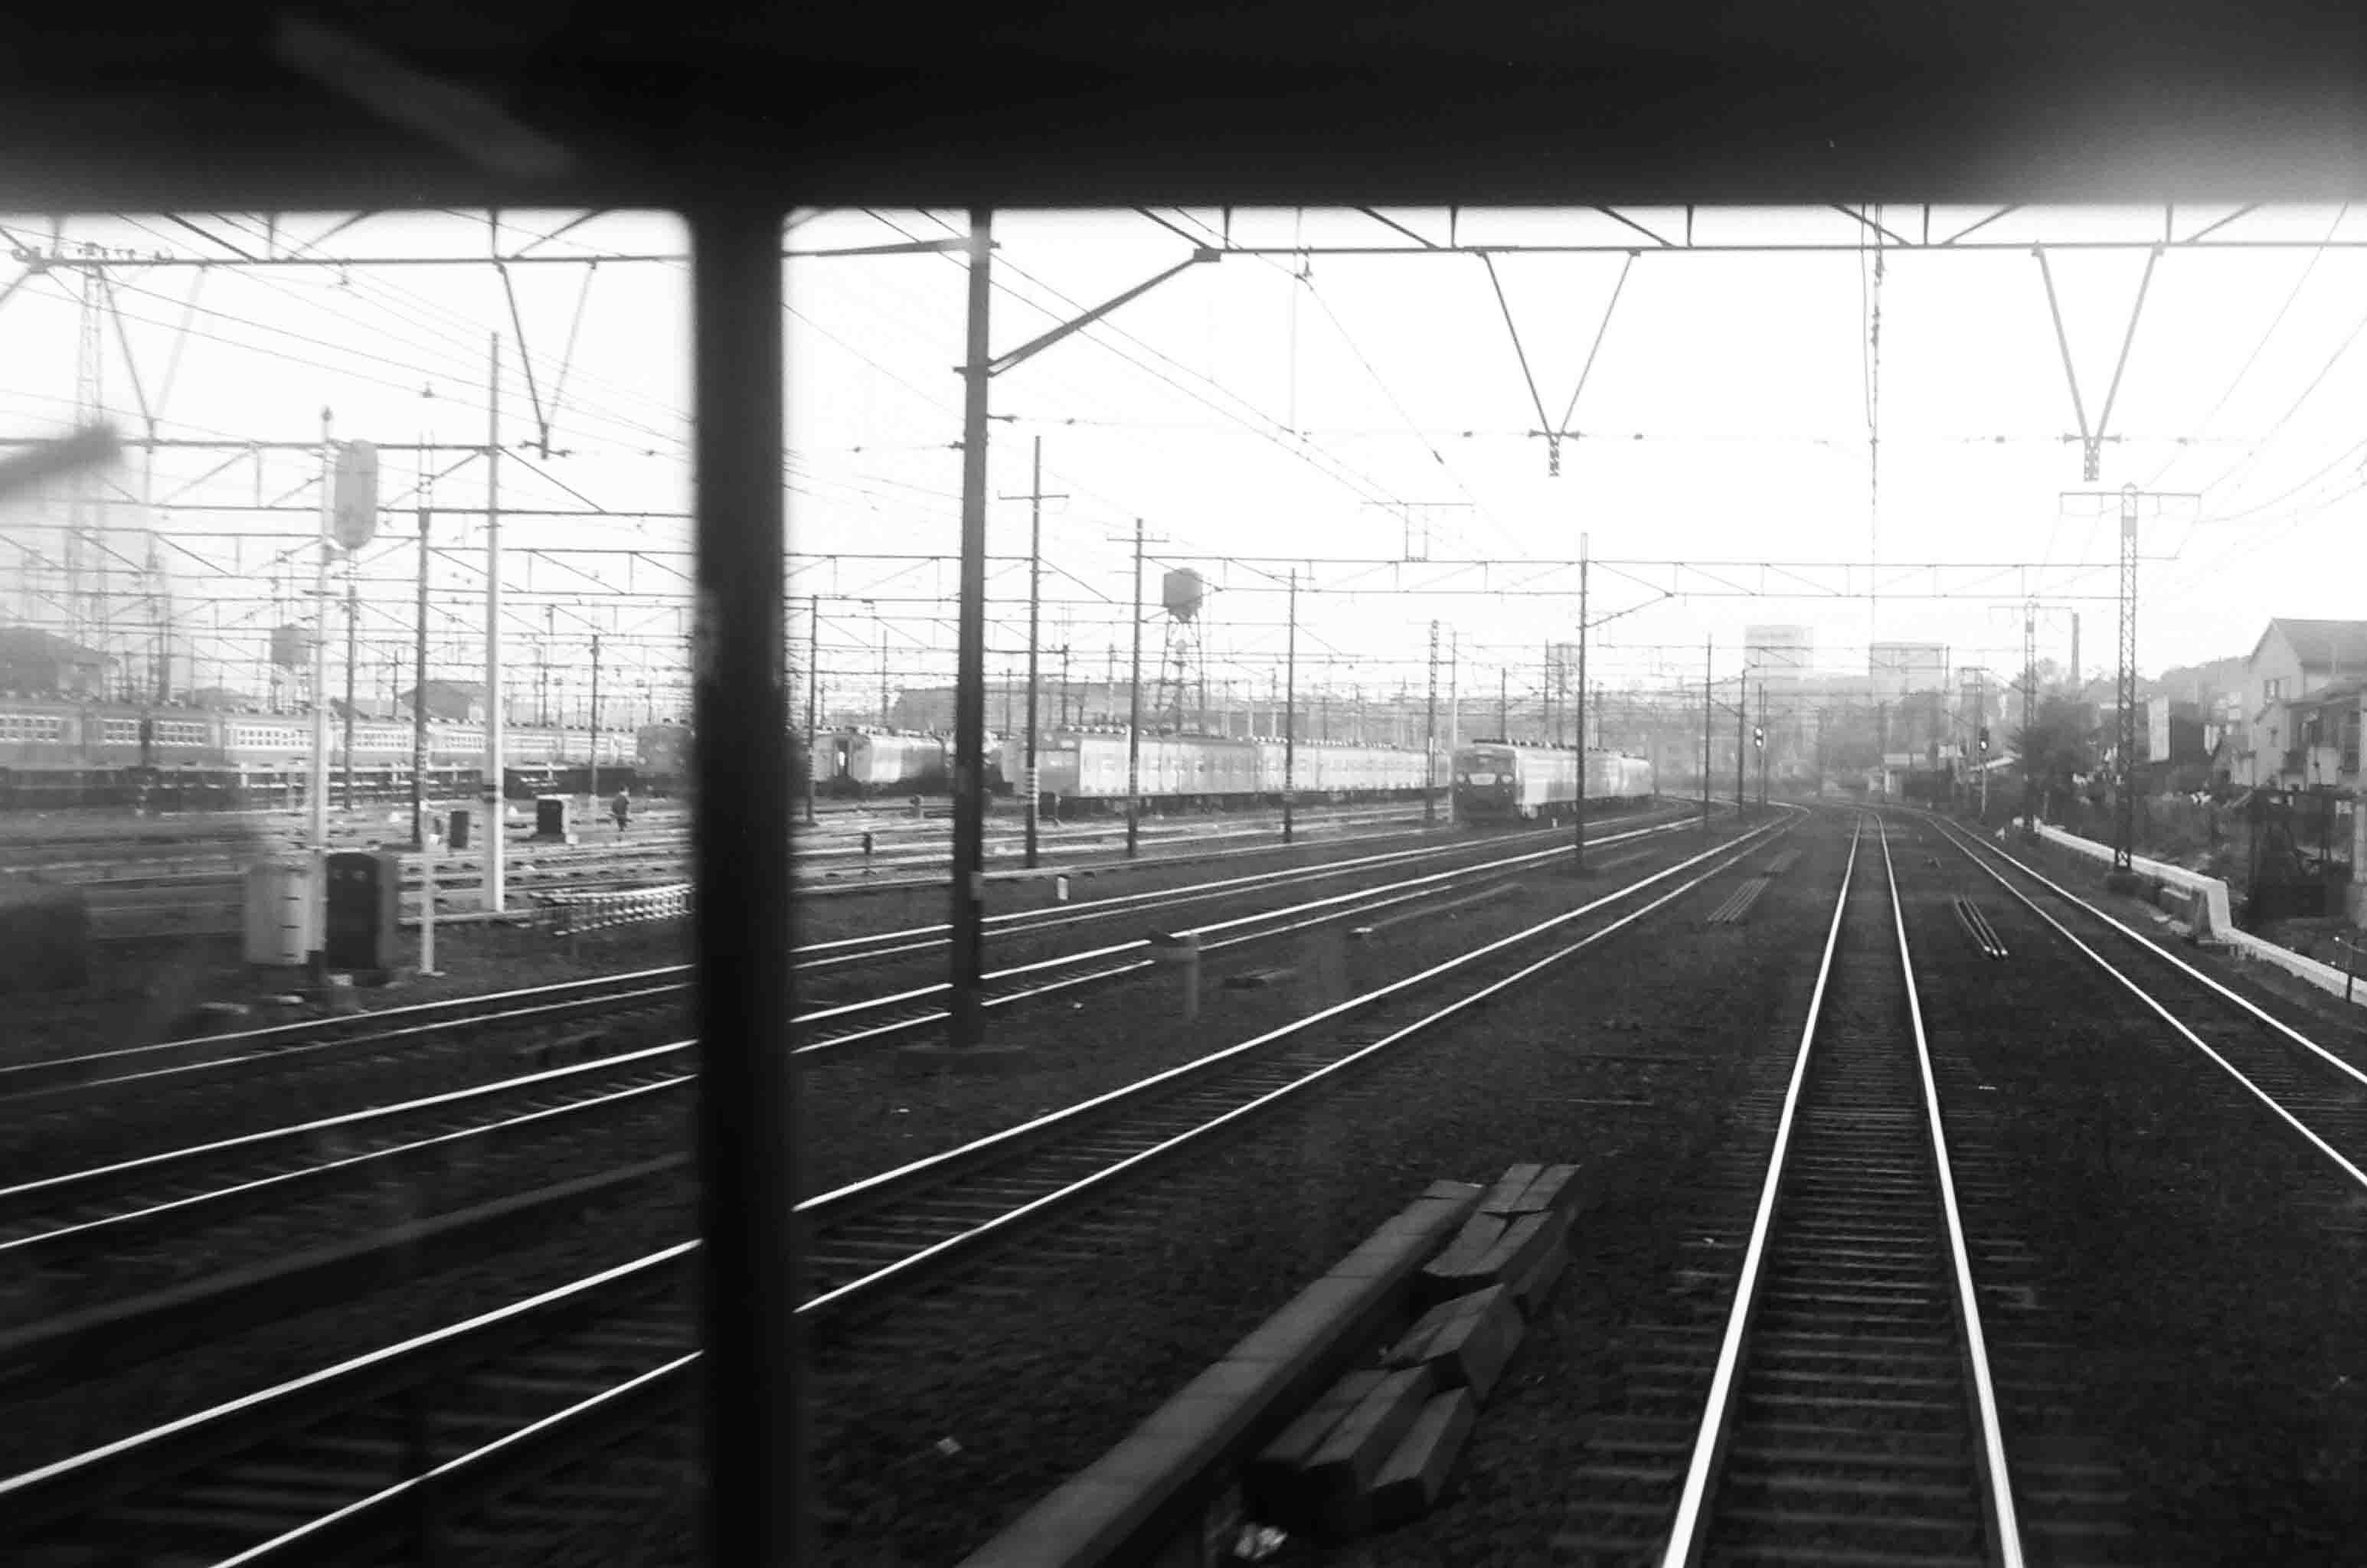 田町電車区223